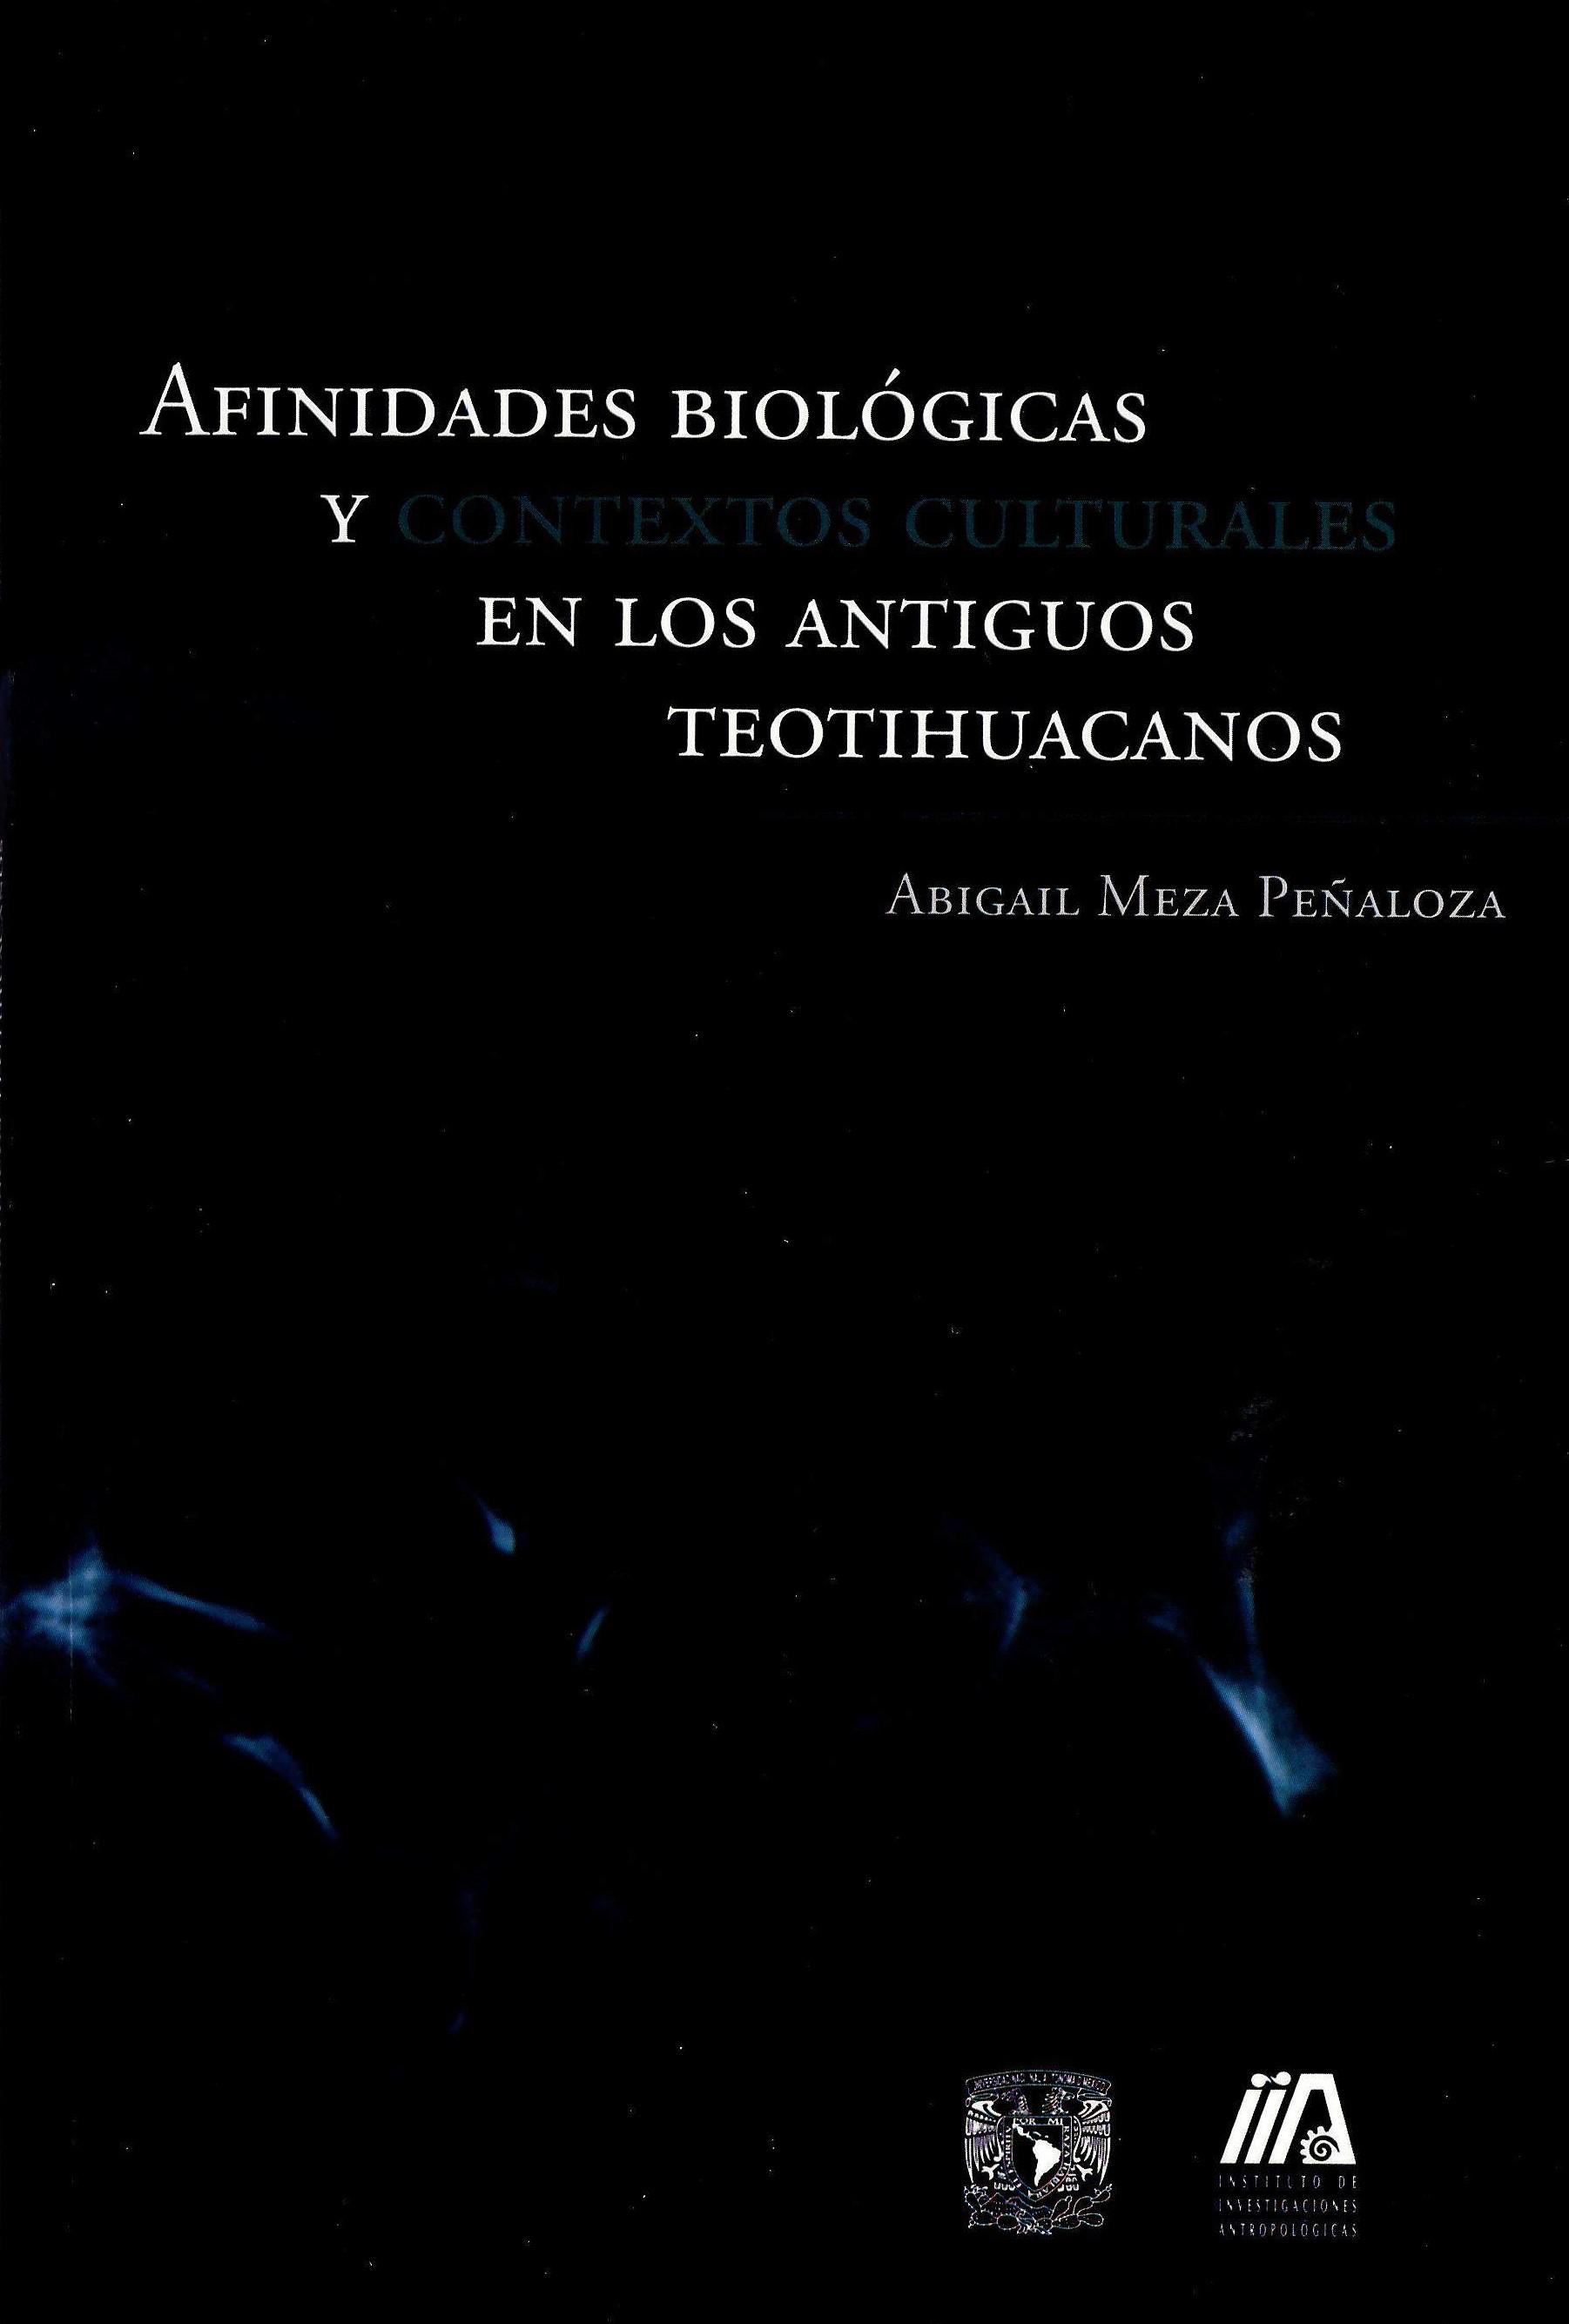 Afinidades biológicas y contextos culturales en los antiguos teotihuacanos